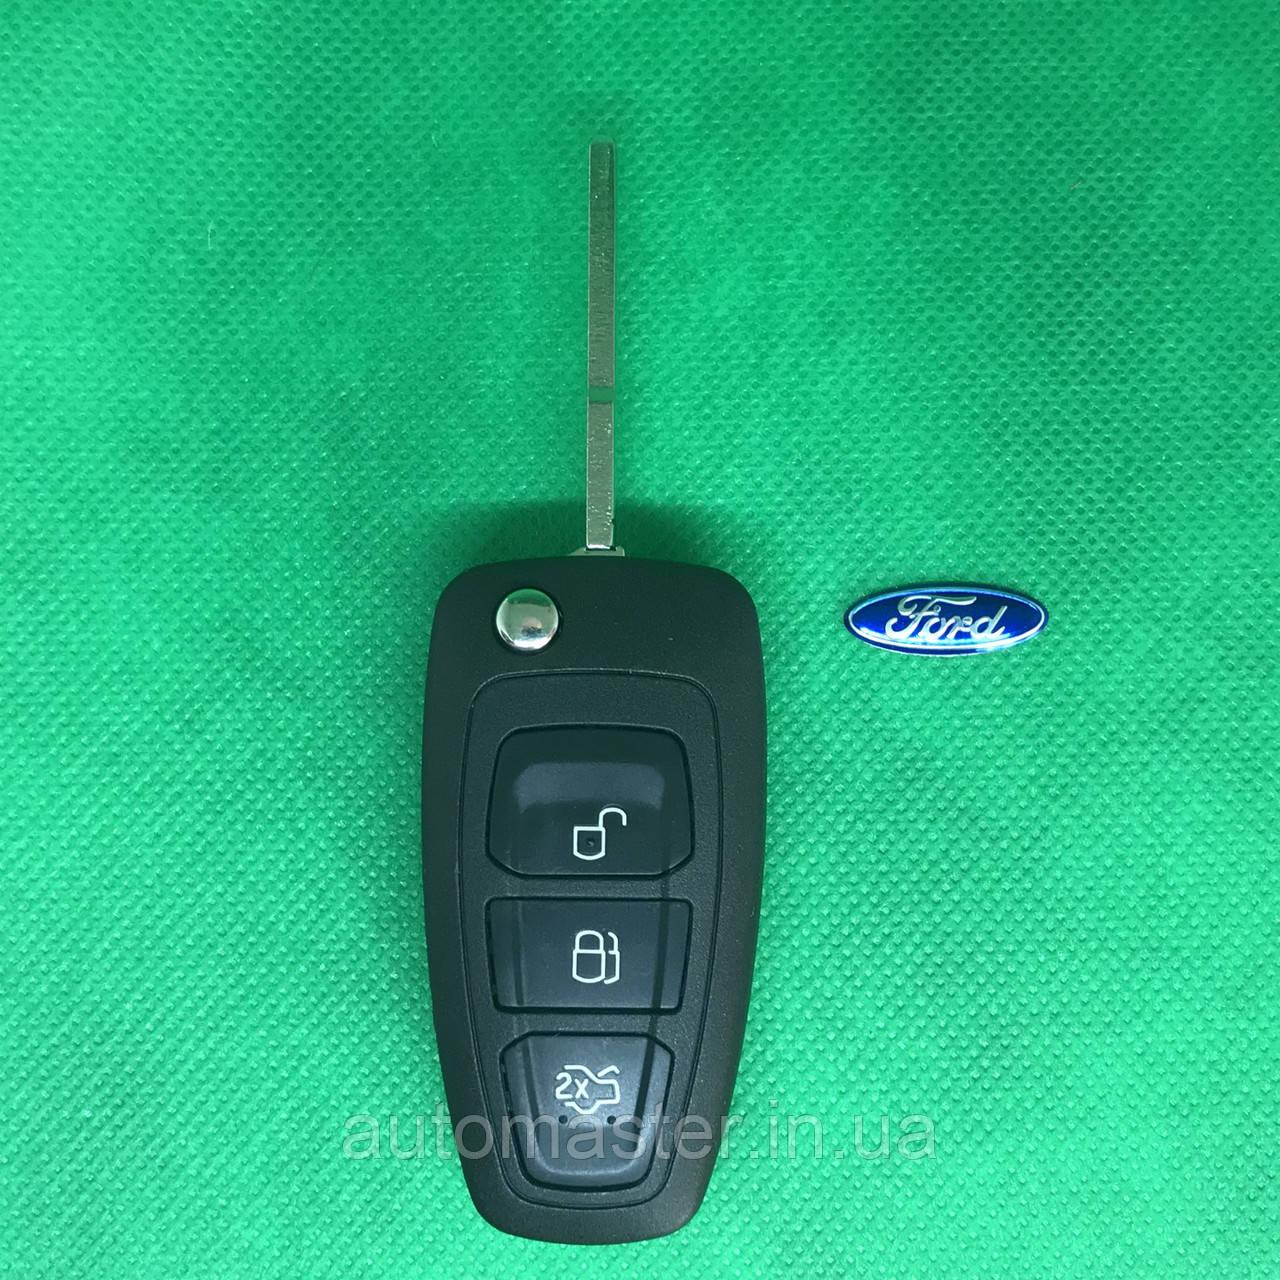 Корпус выкидного ключ для FORD (Форд) Fiesta,Focus,Fusion,Mondeo 3 - кнопки, лезвие HU101